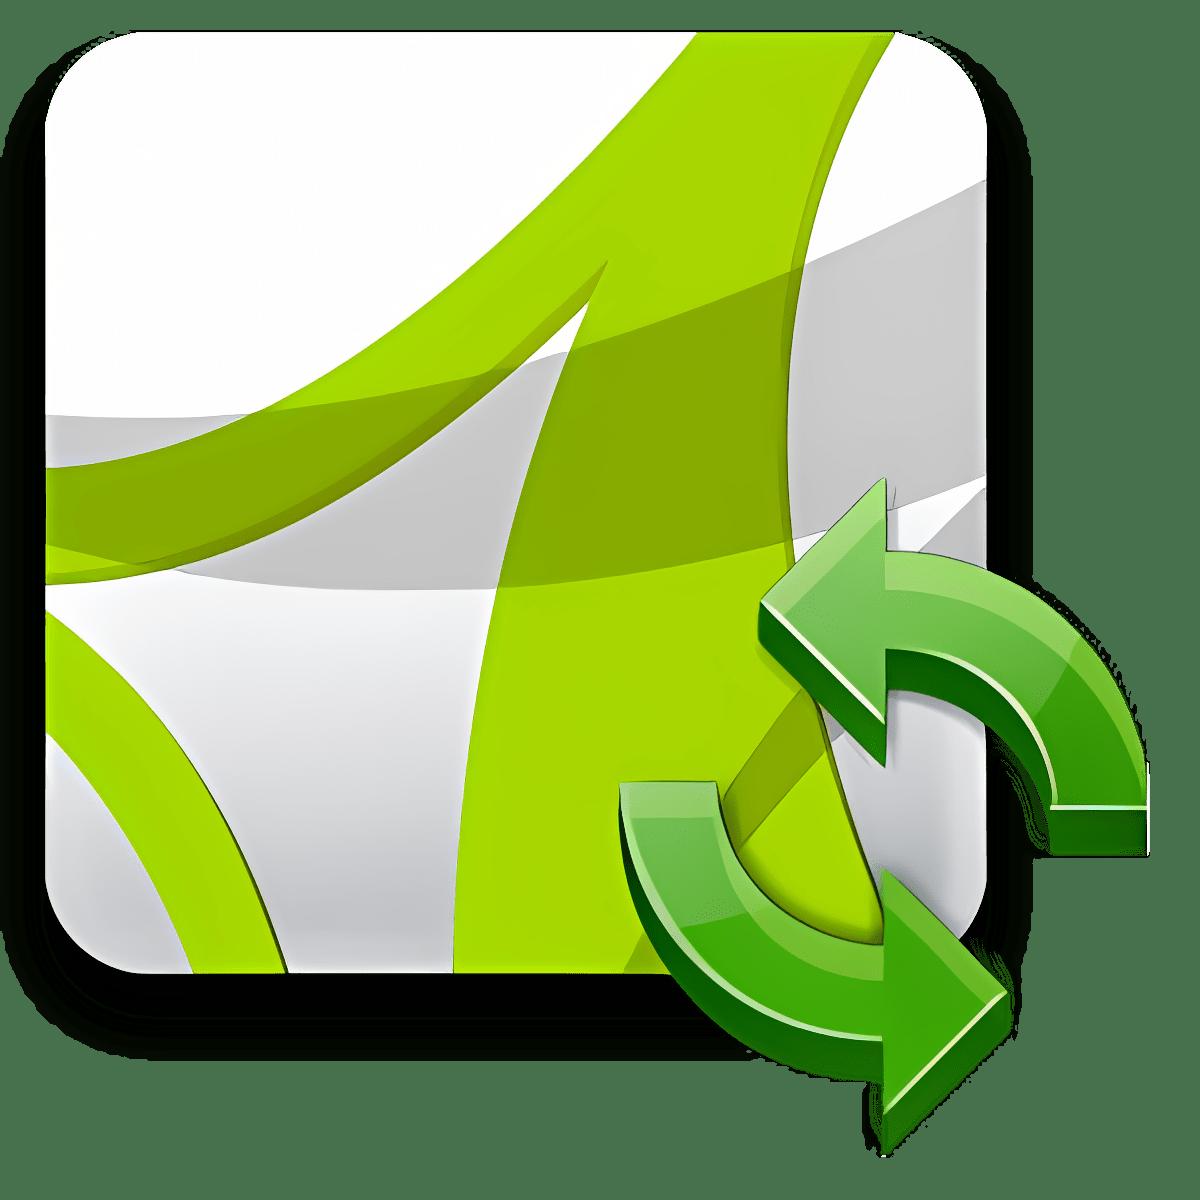 PDF Rotator 1.0.0